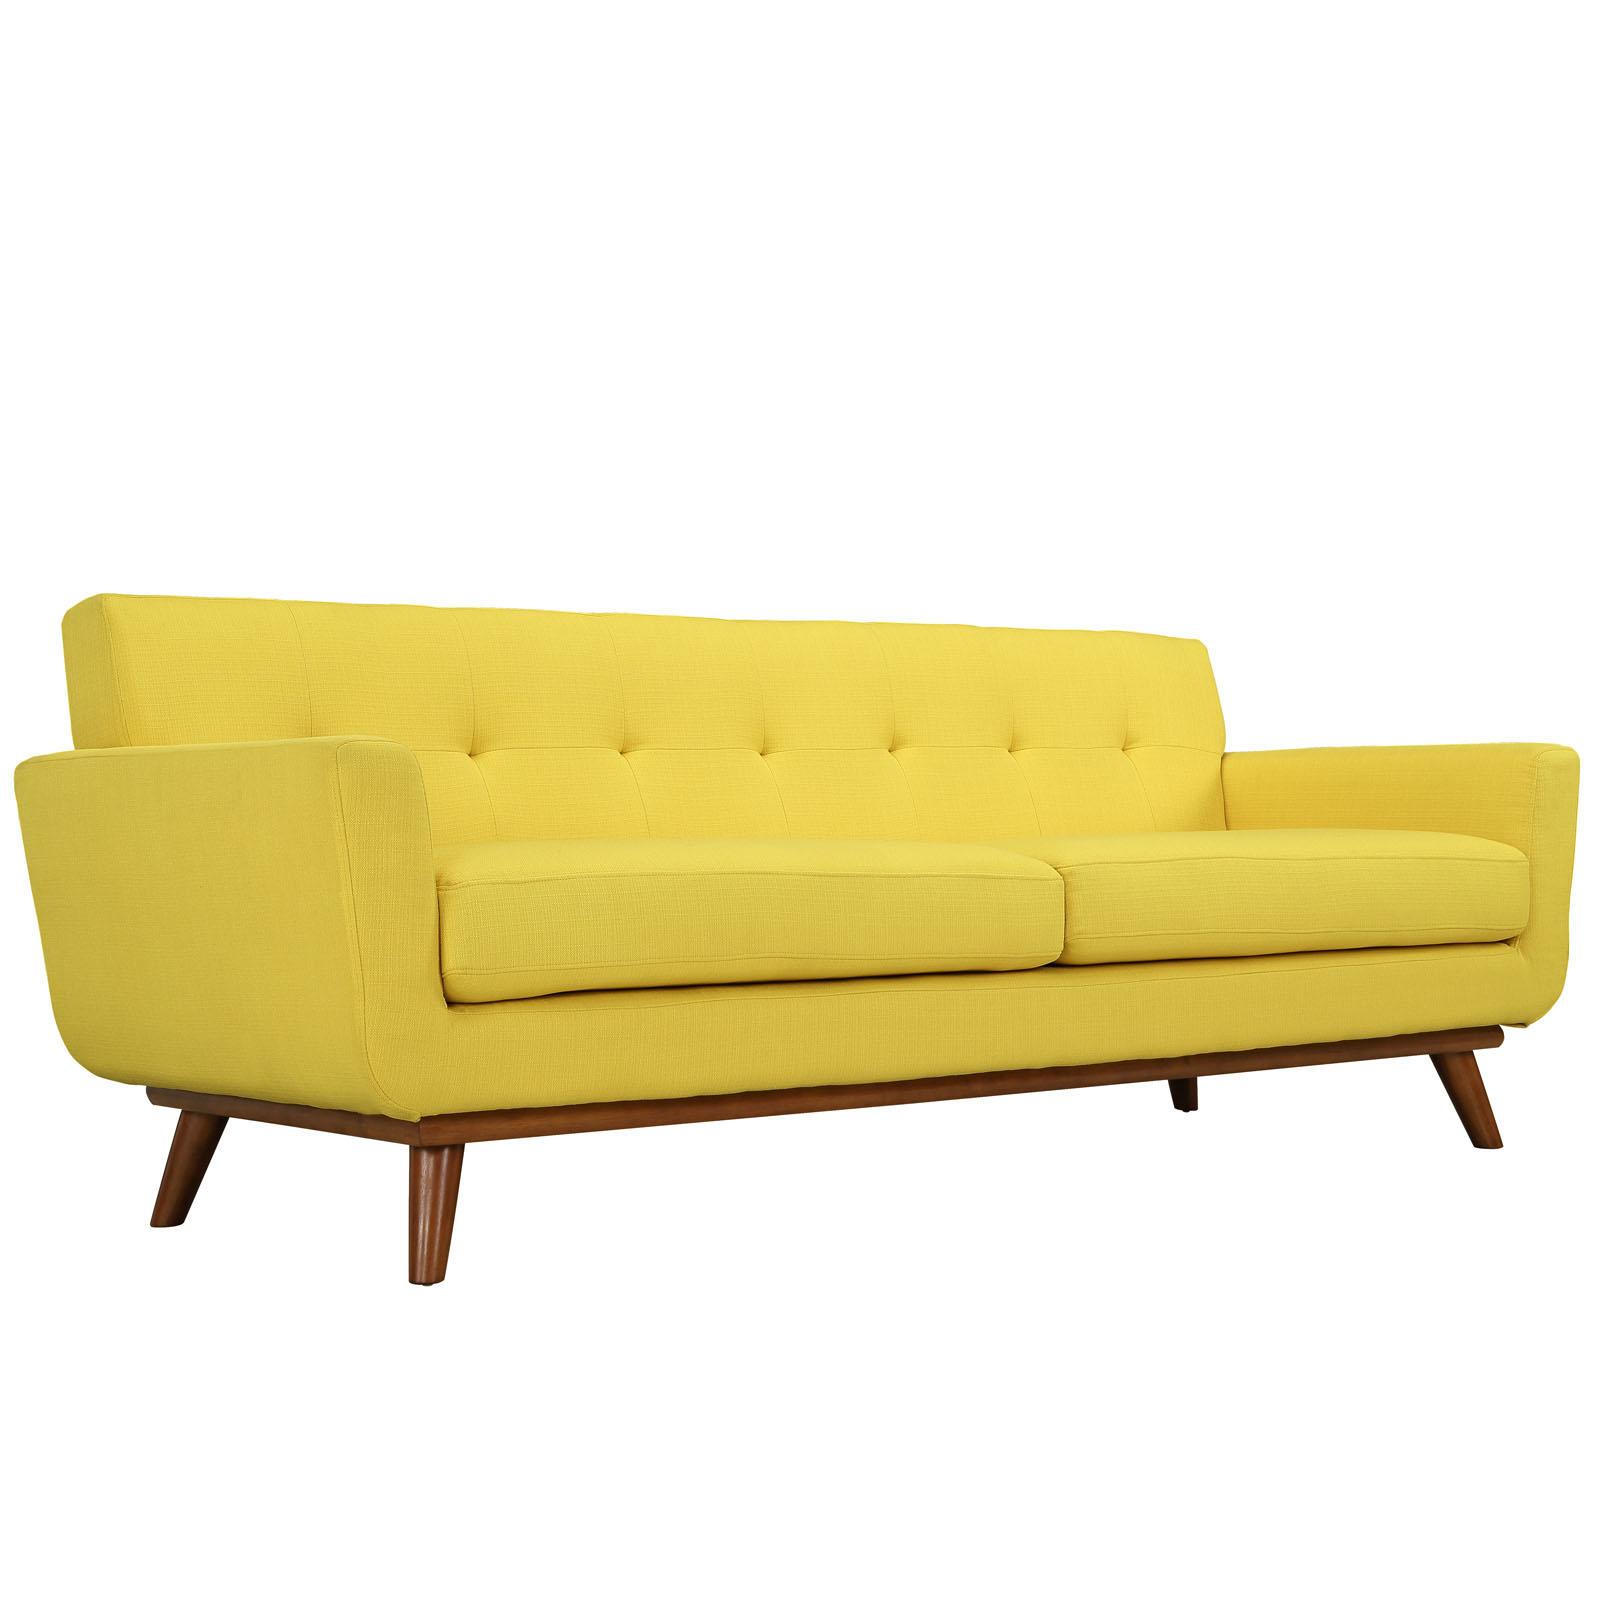 Denmark Sofa Rentals Event Furniture Rental Delivery